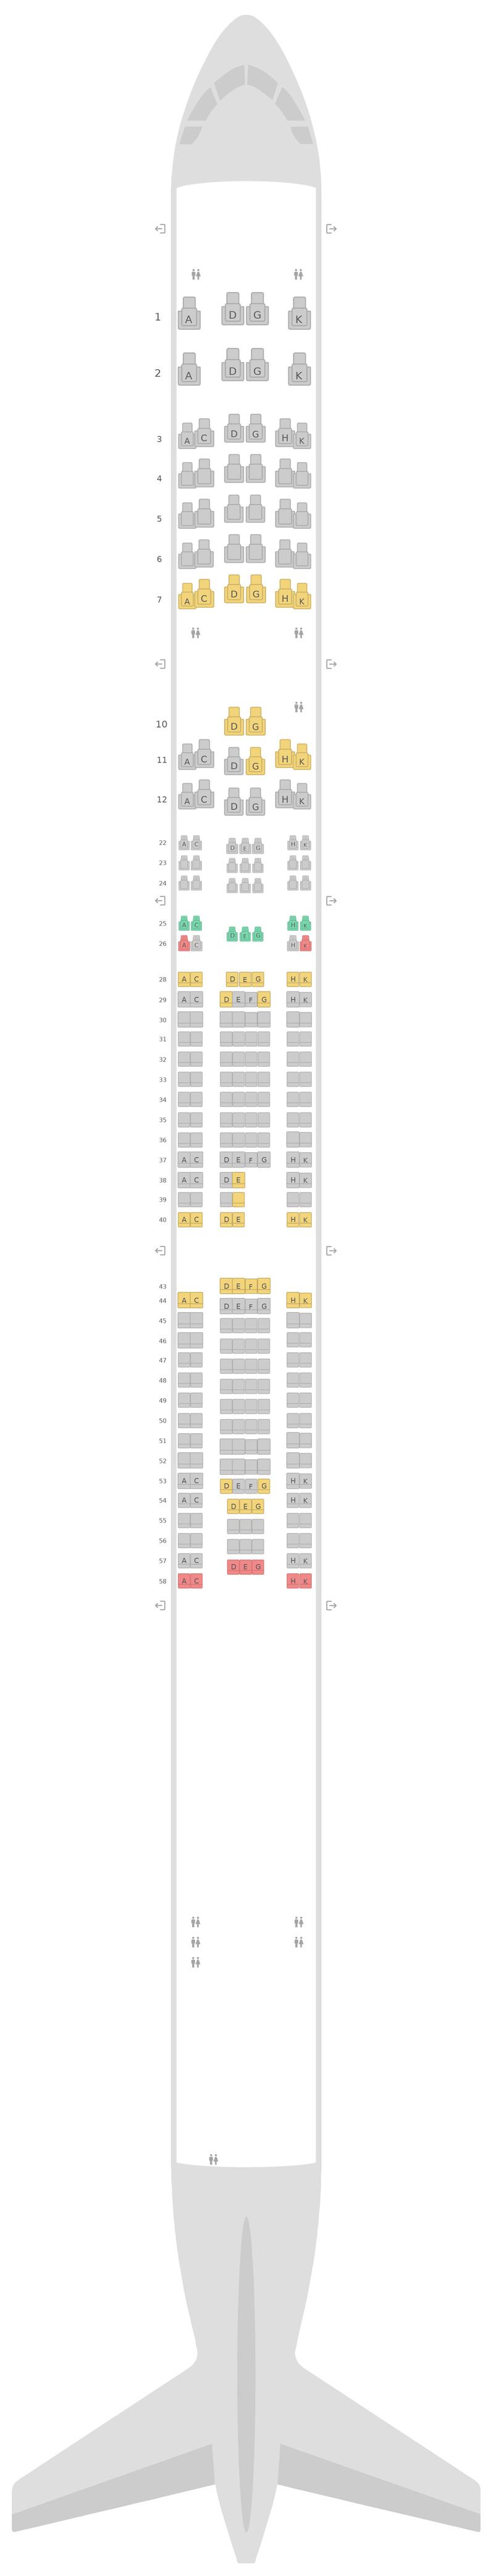 Схема салона Аэробус А340-600 (346) v1 Люфтганза